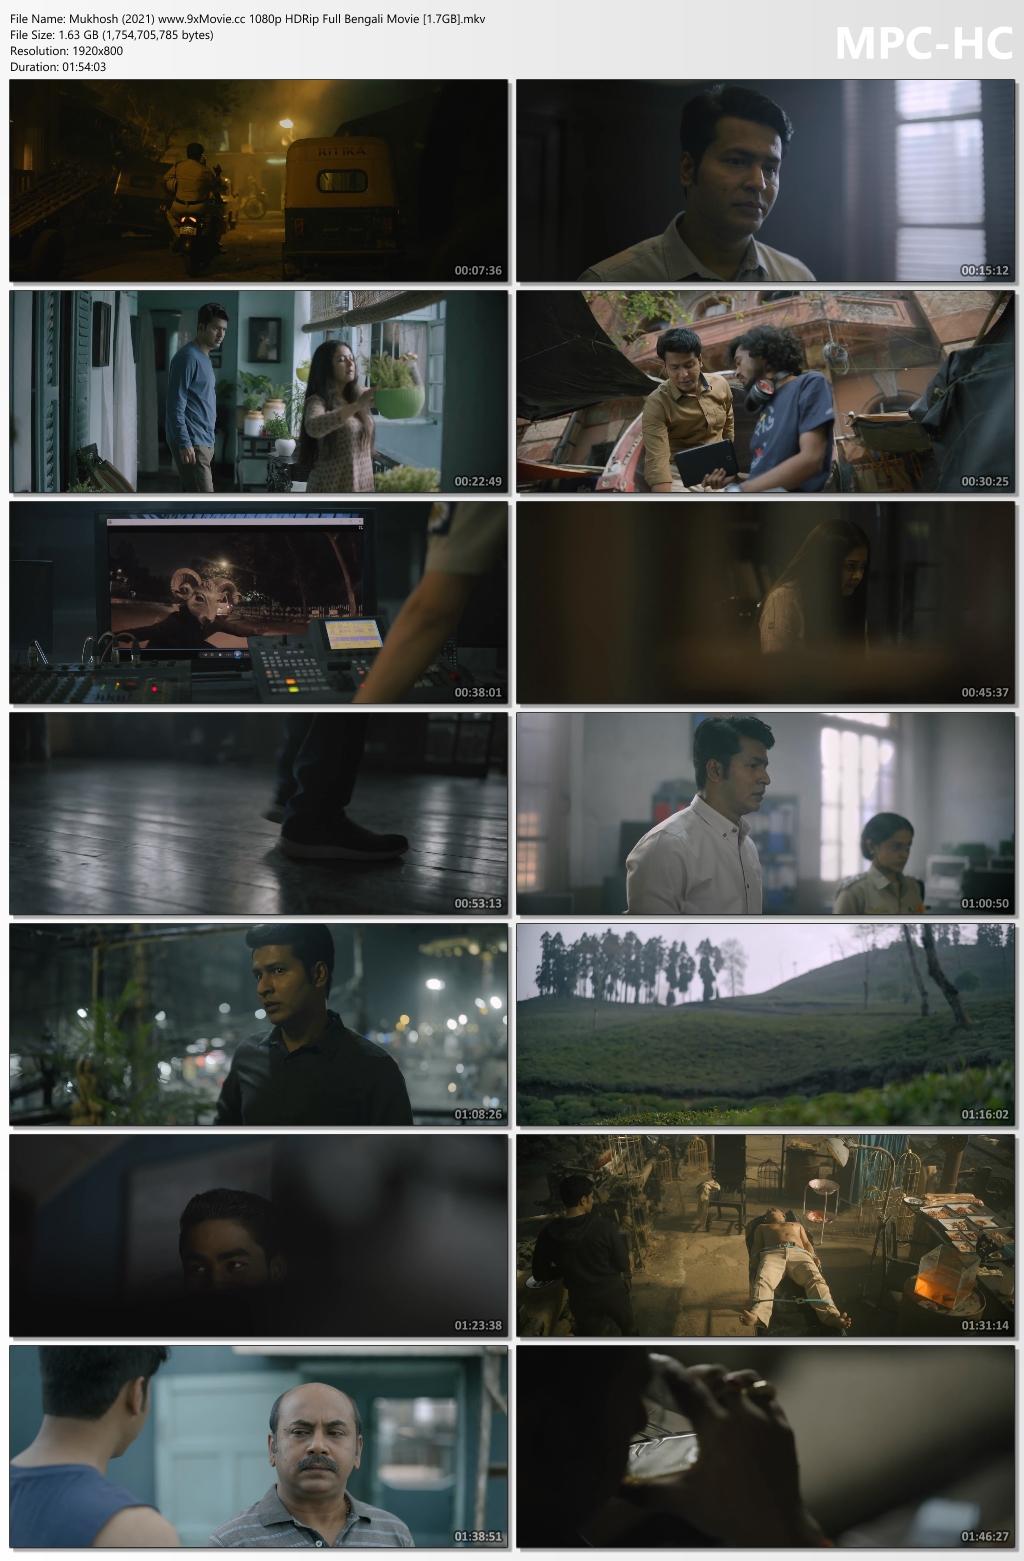 Mukhosh-2021-www-9x-Movie-cc-1080p-HDRip-Full-Bengali-Movie-1-7-GB-mkv